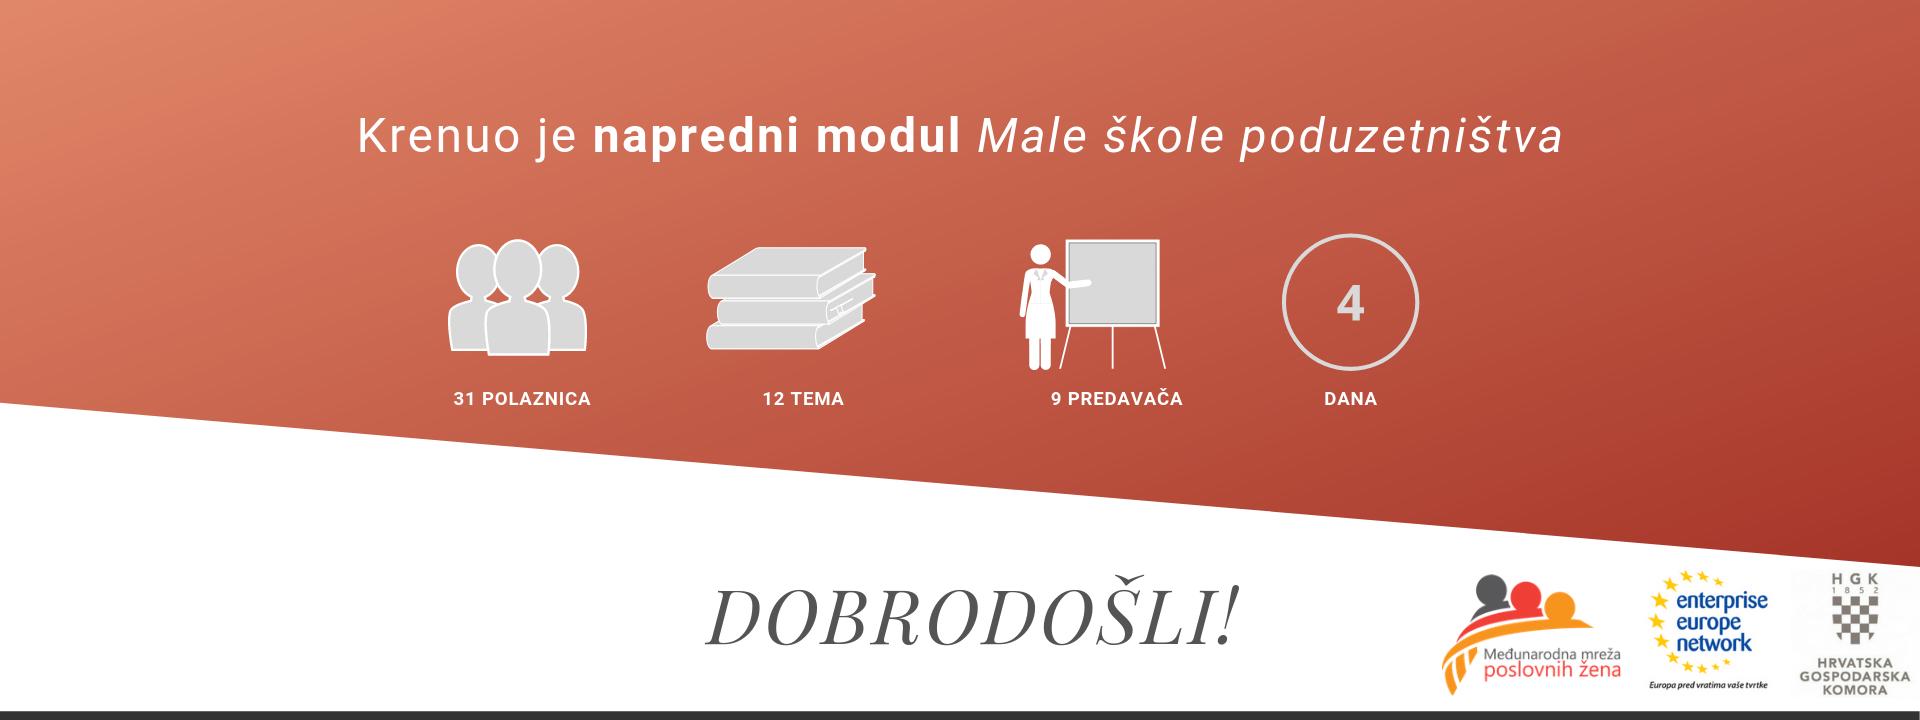 Napredni modul - Mala škola poduzetništva